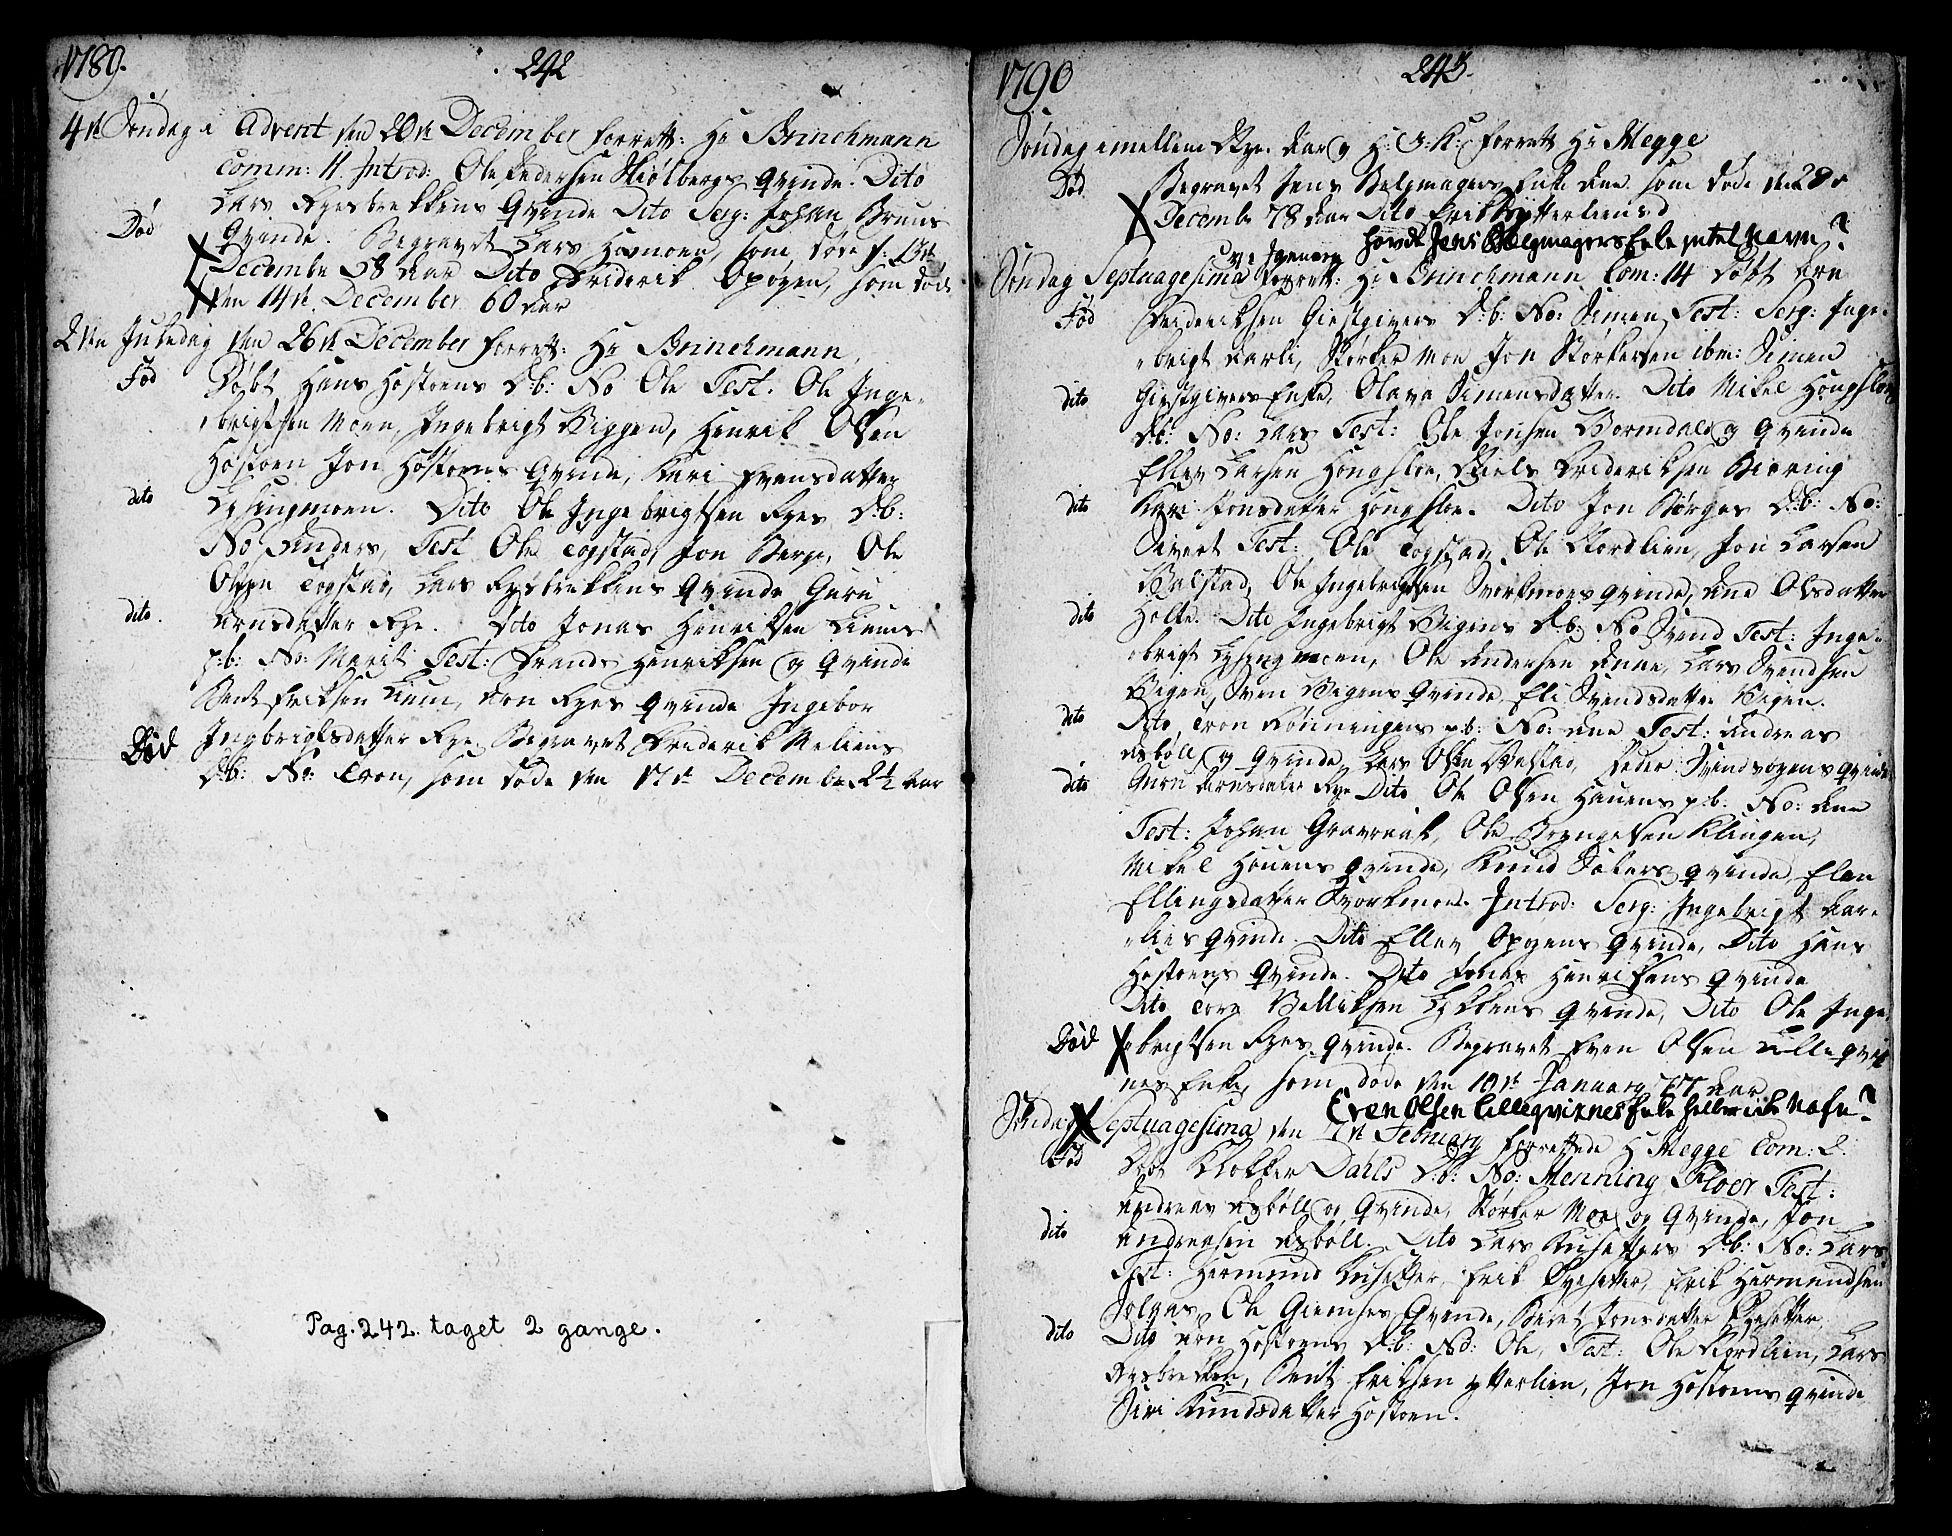 SAT, Ministerialprotokoller, klokkerbøker og fødselsregistre - Sør-Trøndelag, 671/L0840: Ministerialbok nr. 671A02, 1756-1794, s. 342-343